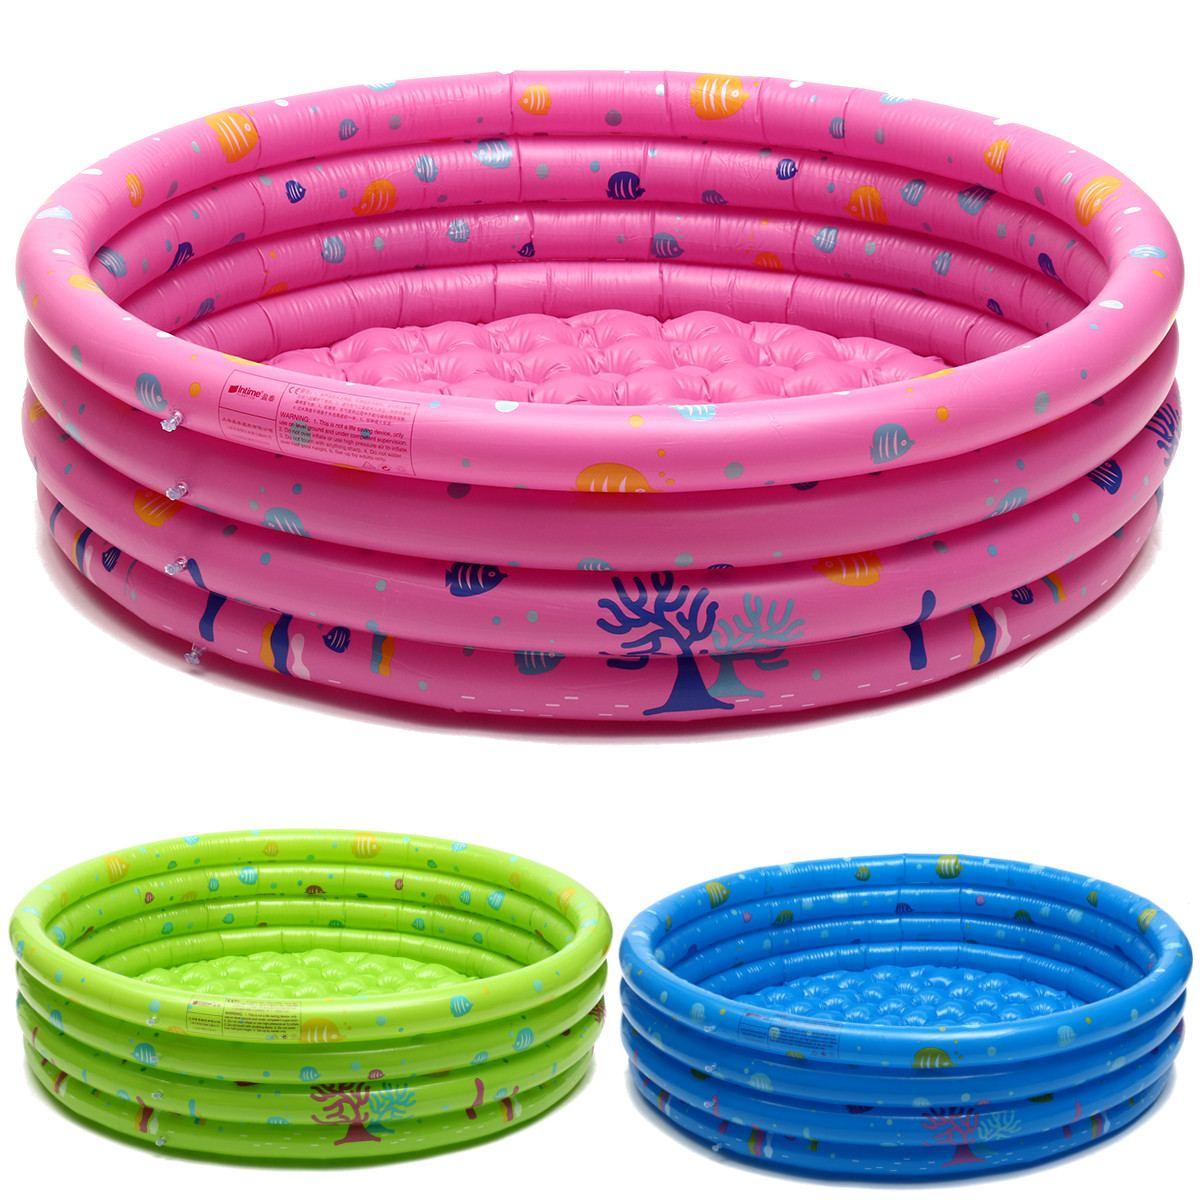 150 CM Gonflable Bébé Piscine Piscina Portable En Plein Air Enfants Bassin Baignoire enfants piscine bébé piscine d'eau